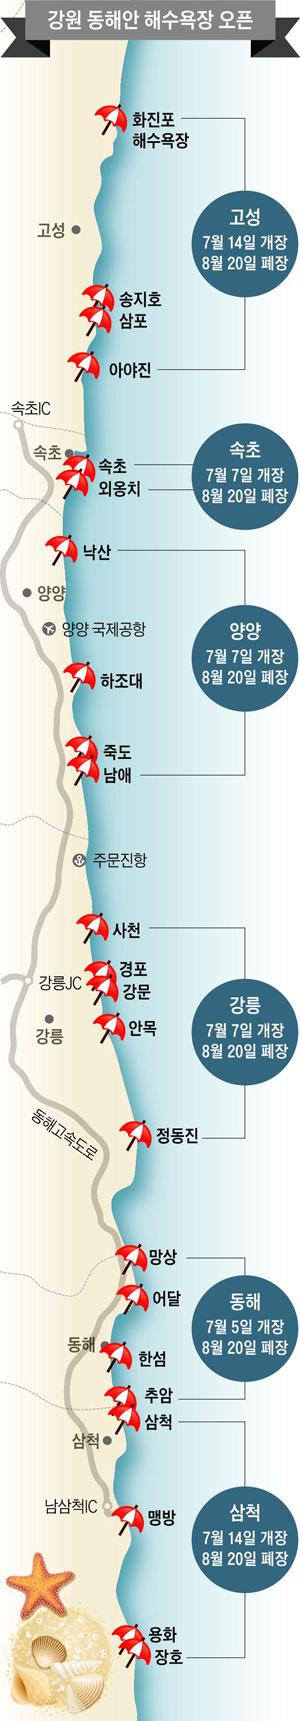 강원 동해안 해수욕장 오픈